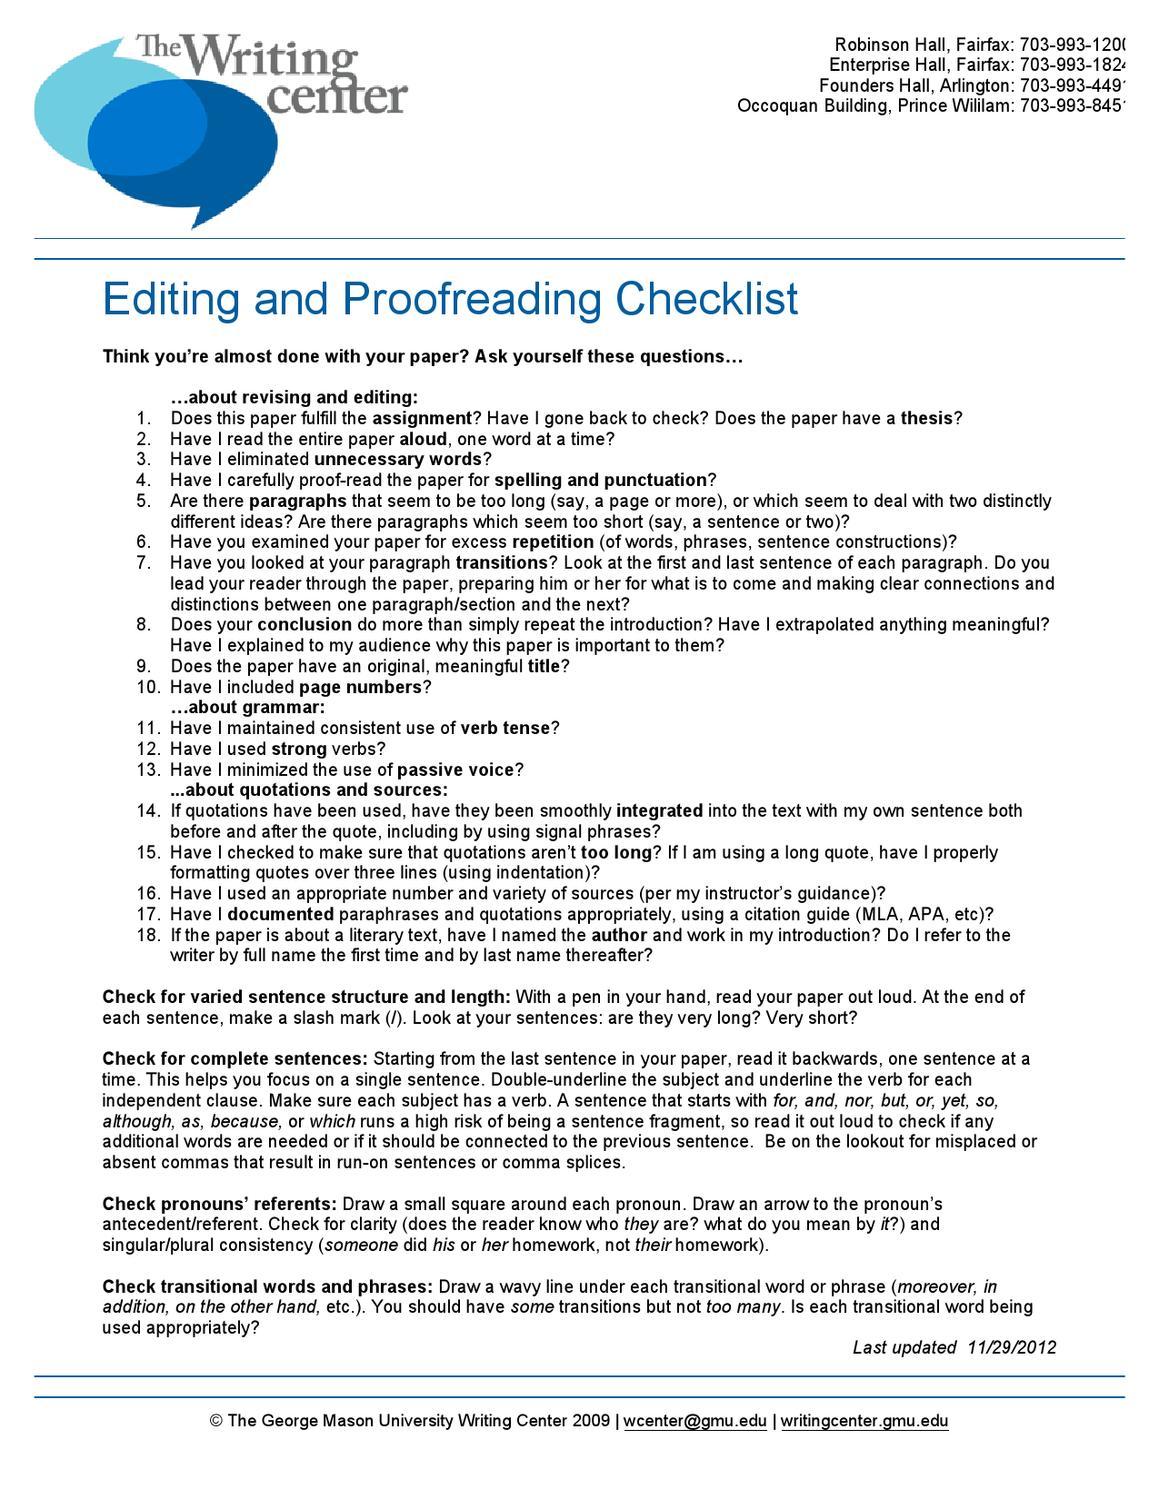 proofread checklist